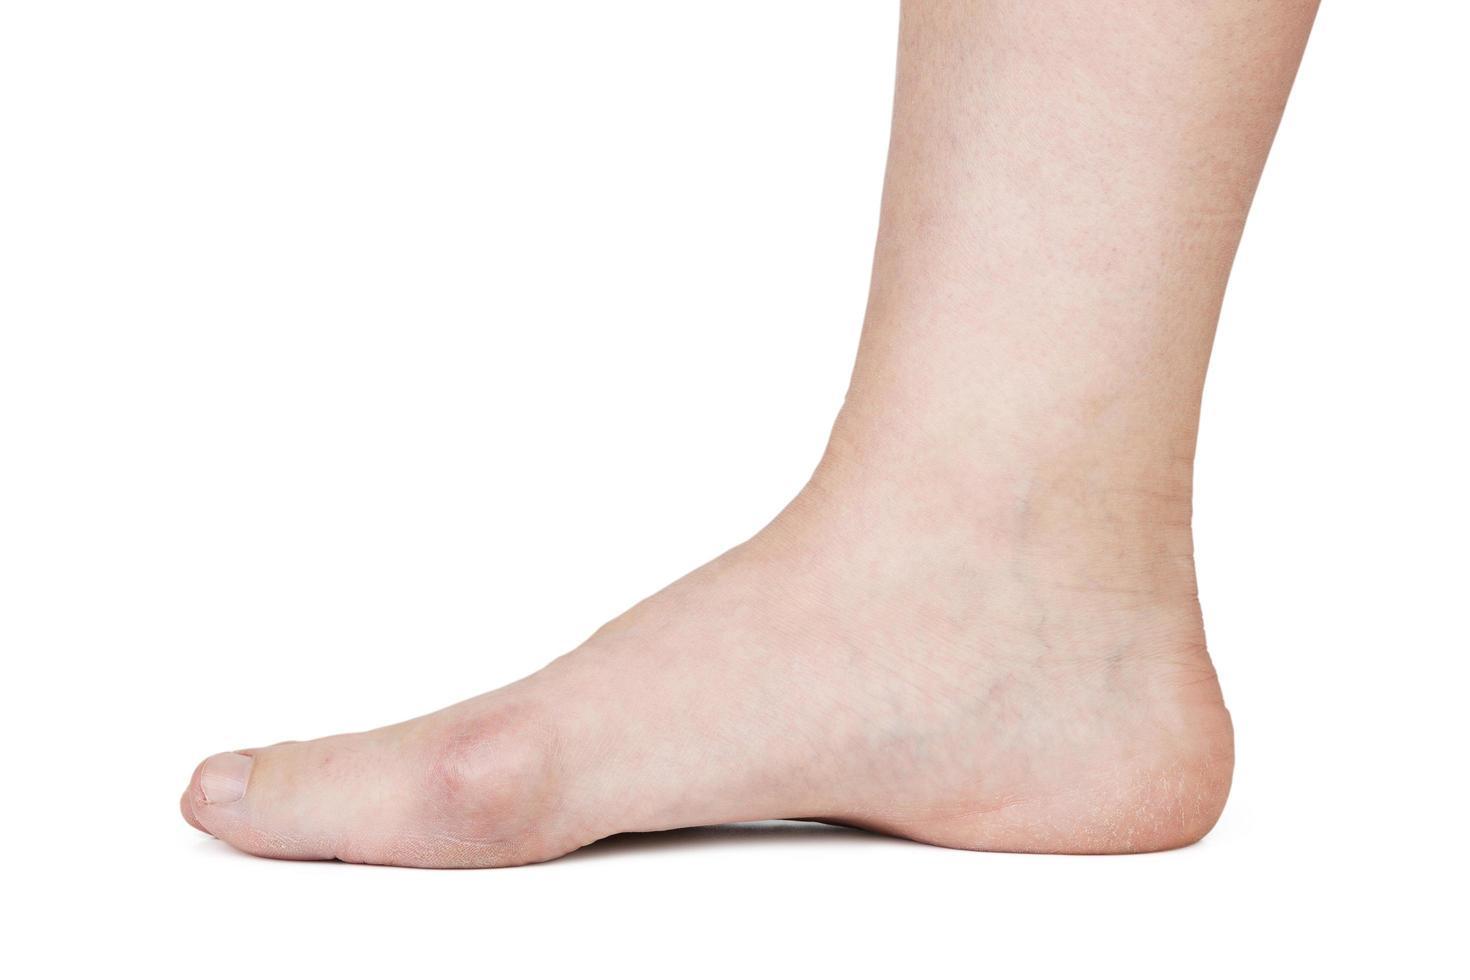 menselijke voet met hallux valgus foto